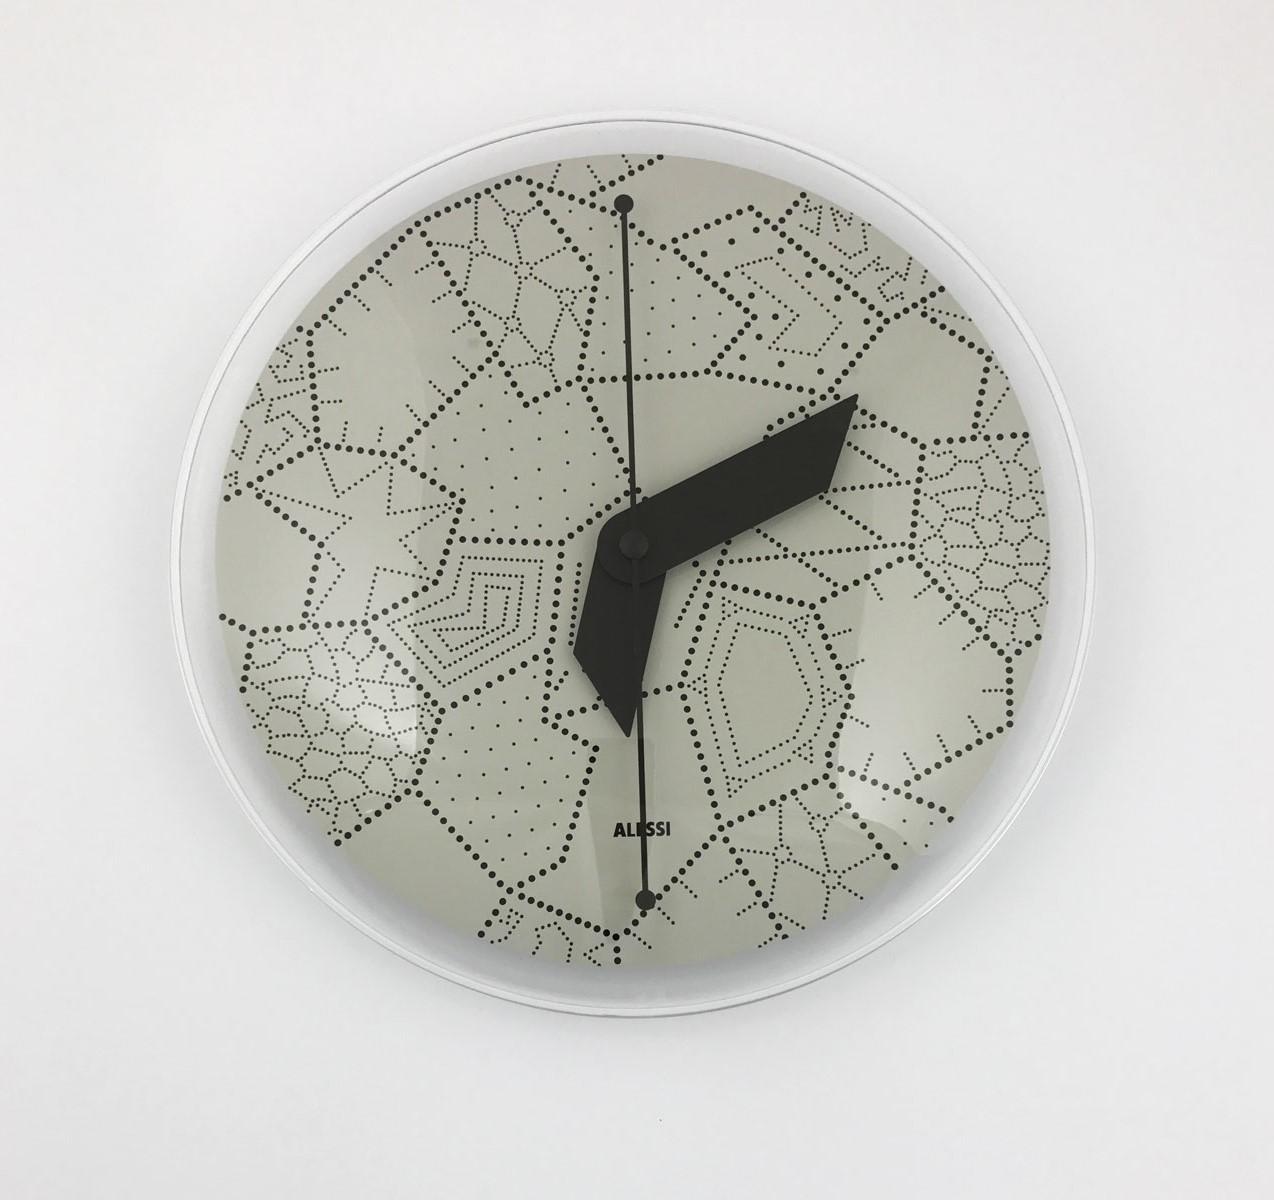 Alessi AM31 3 Sole-Stelle orologio da parete | eBay